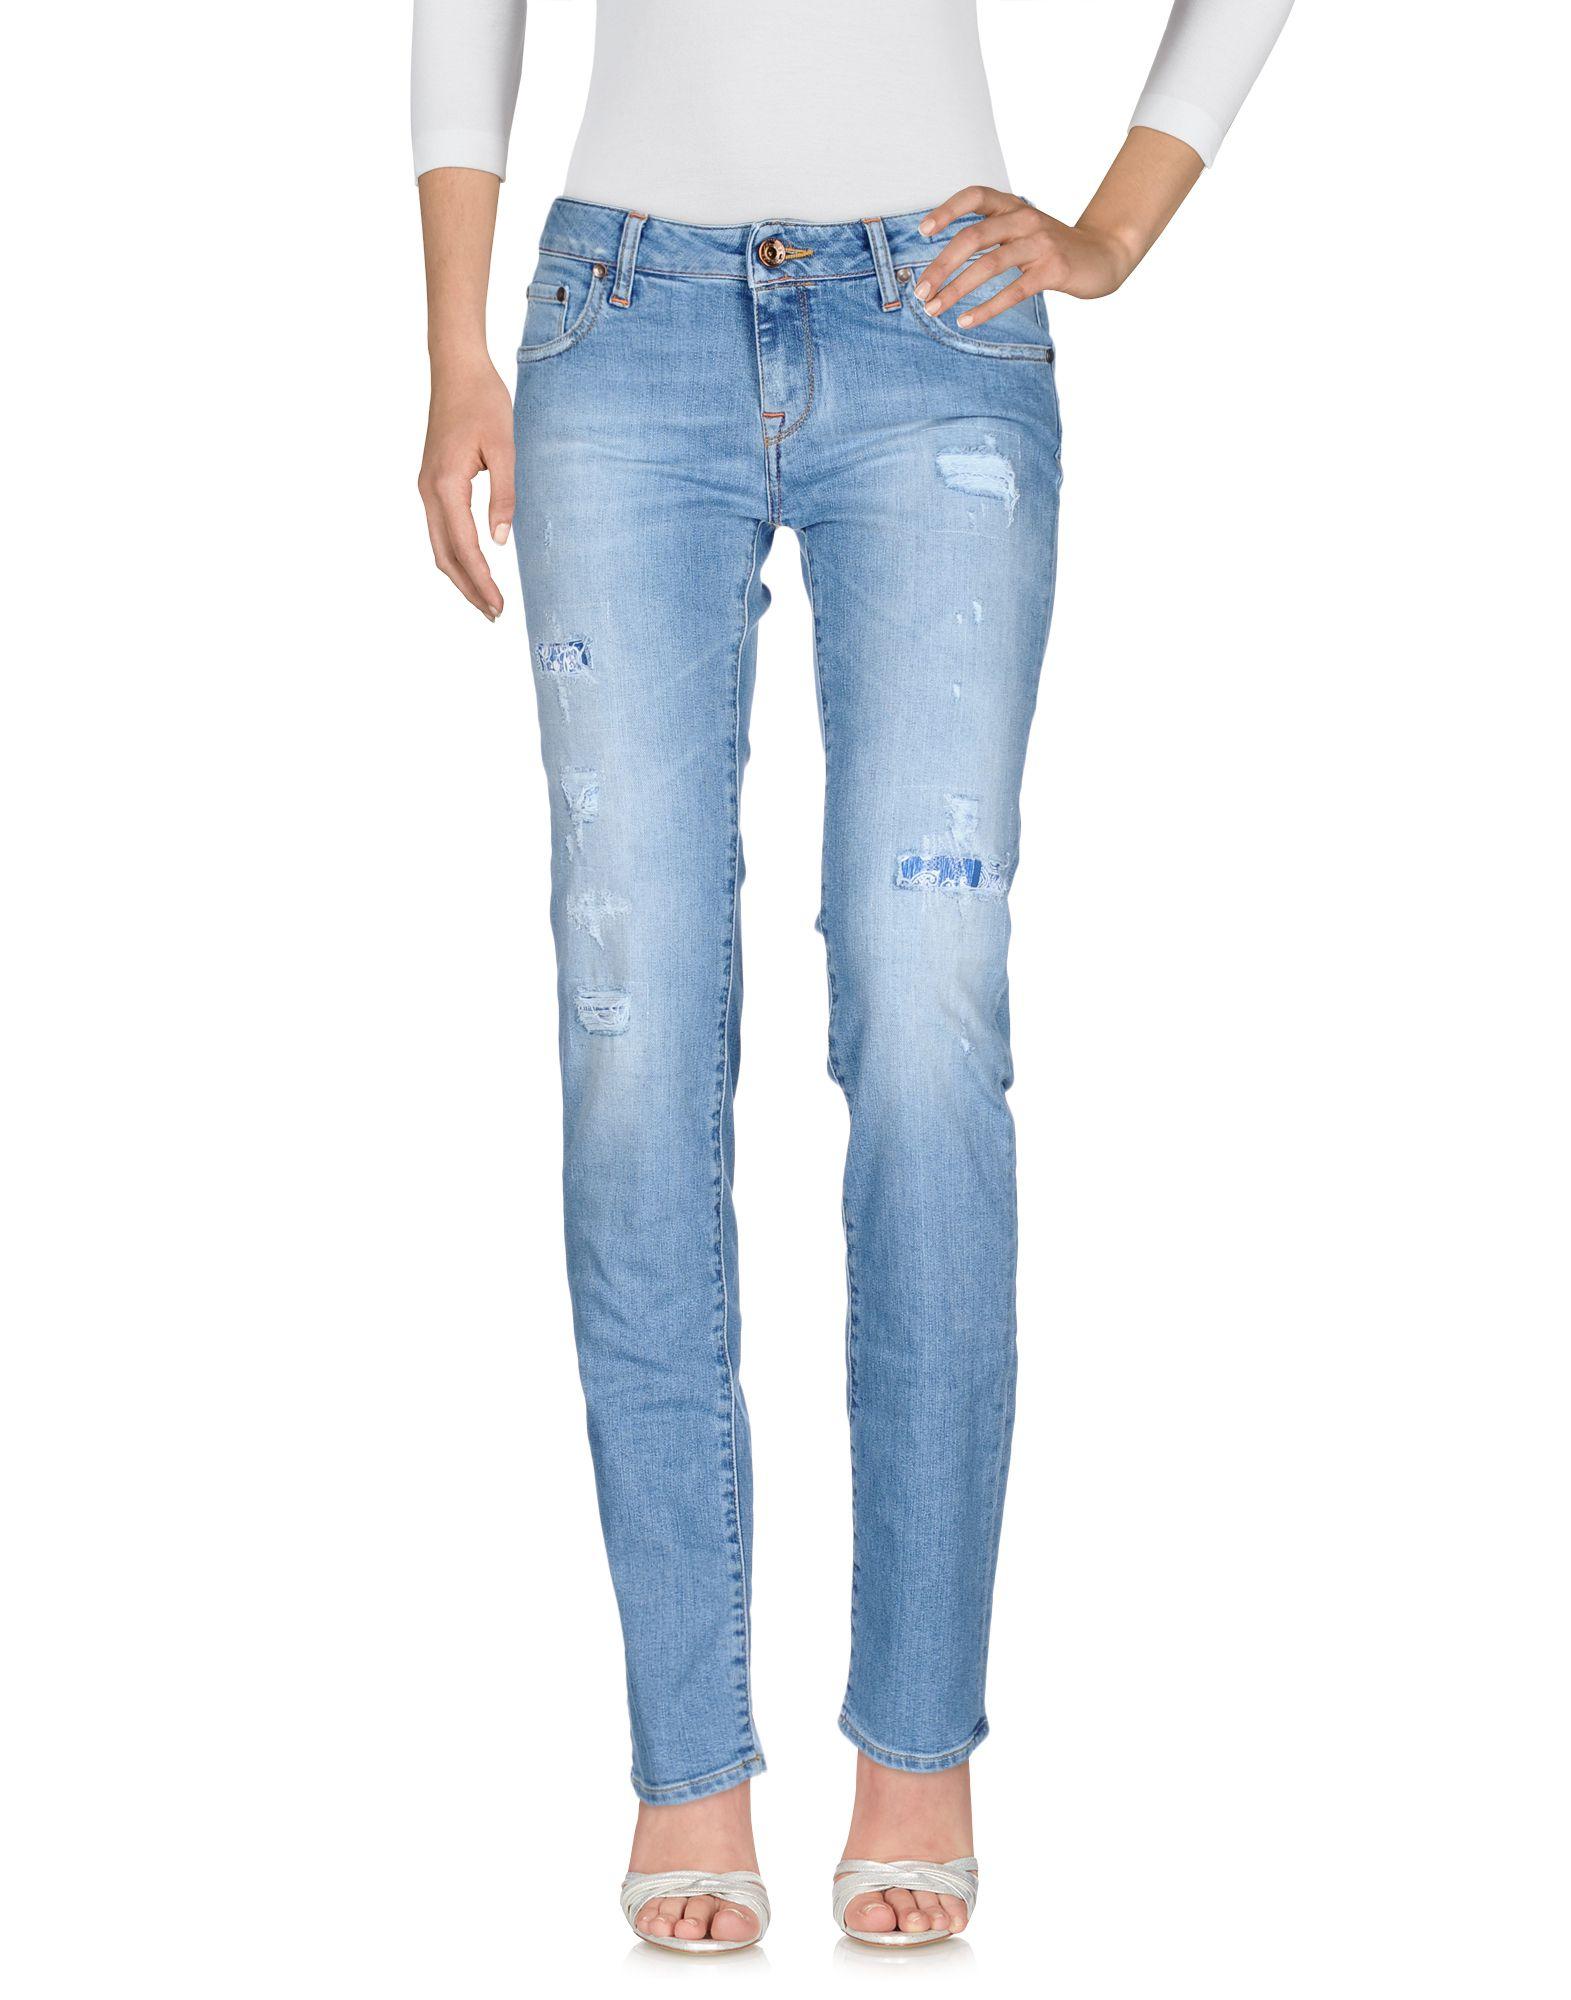 JACOB COHЁN PREMIUM Джинсовые брюки женские брюки лэйт светлый размер 56